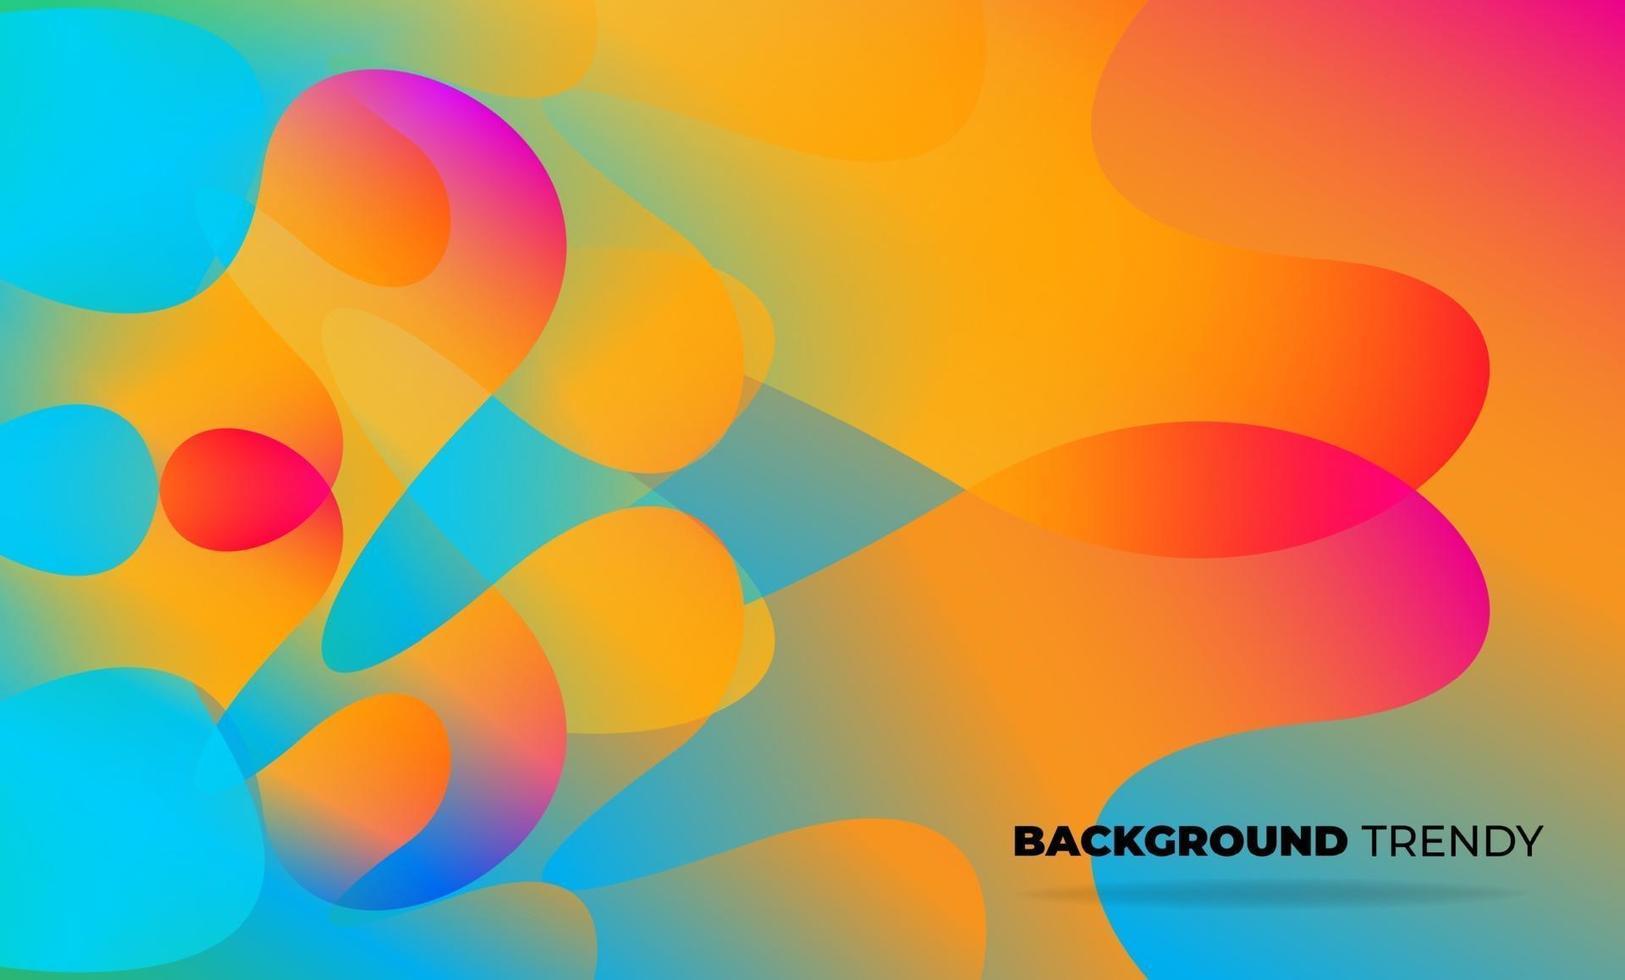 kreativa geometriska tapeter. trendig vätskeflödesgradient former komposition. visuell leverans företagsbakgrund för presentkort, affisch på affischmall, målsida, ui, ux, omslagsbok, baner, vektor